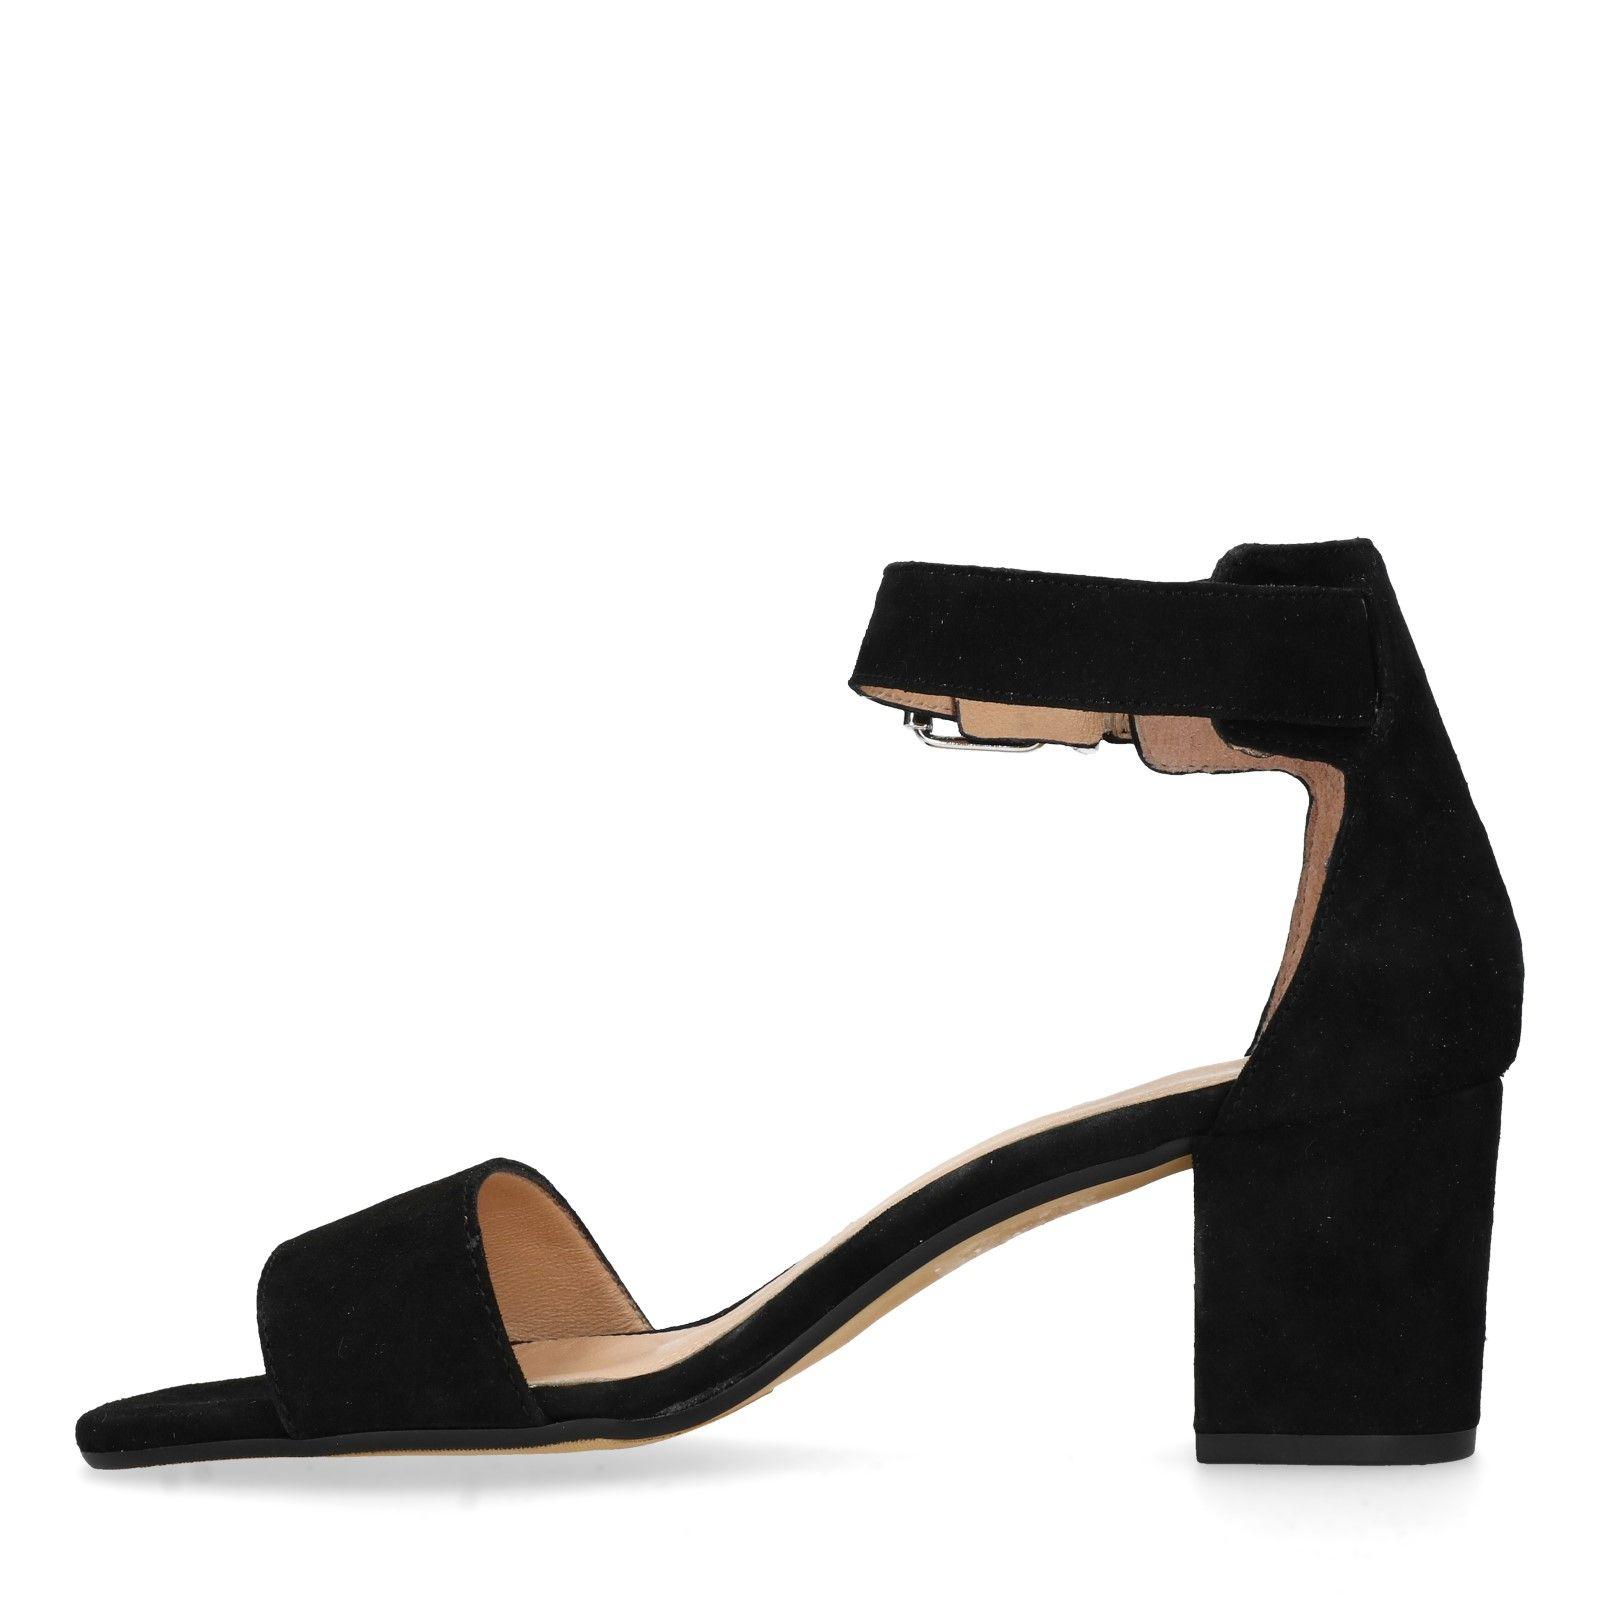 Zwarte sandalen met hak en open teen